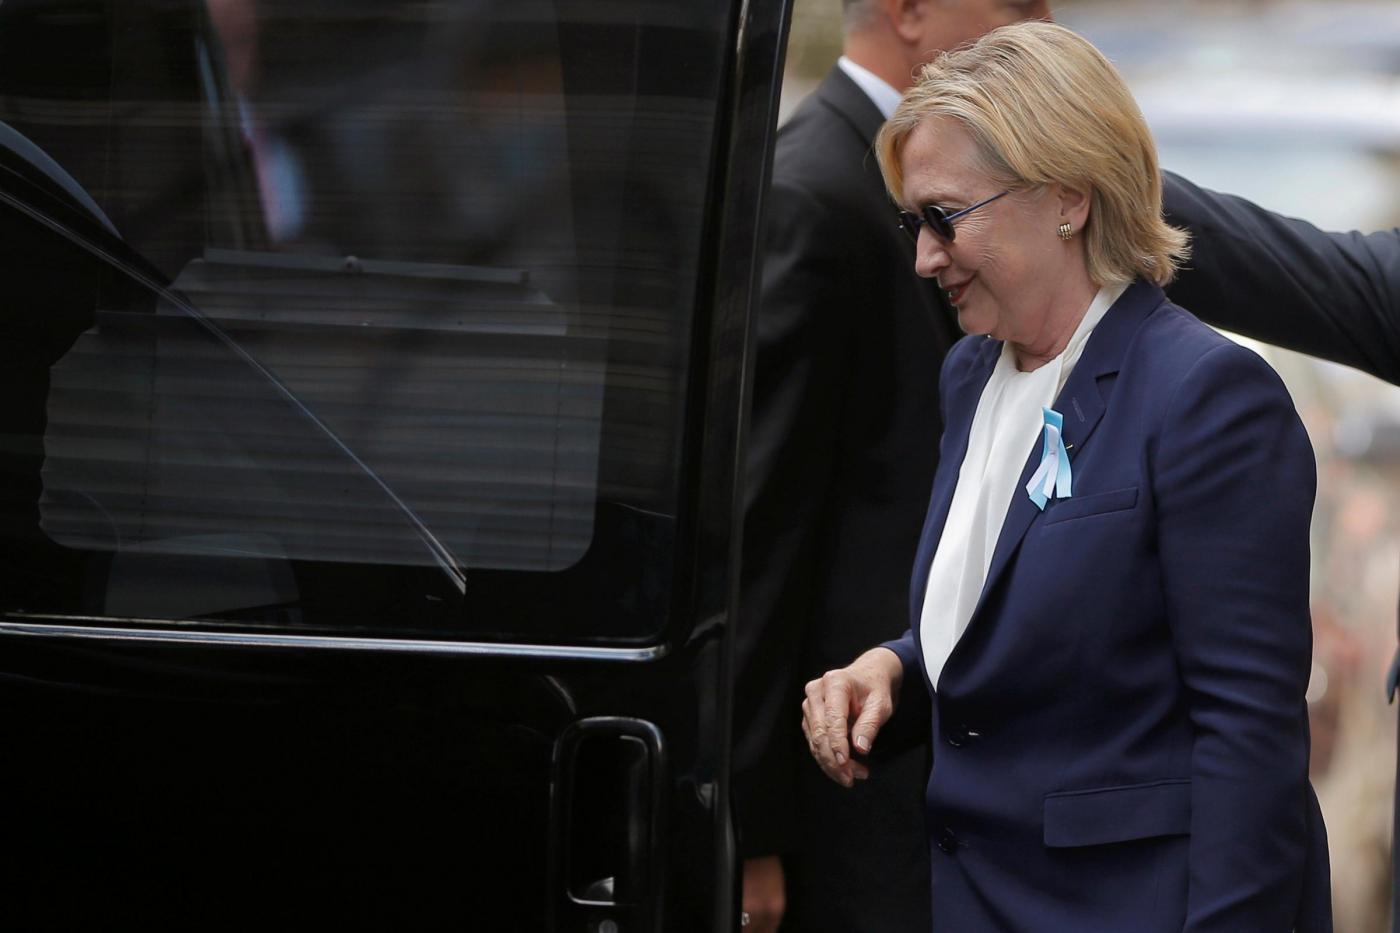 Hillary Clinton è malata? Sospetti sempre più insistenti sulla sua salute